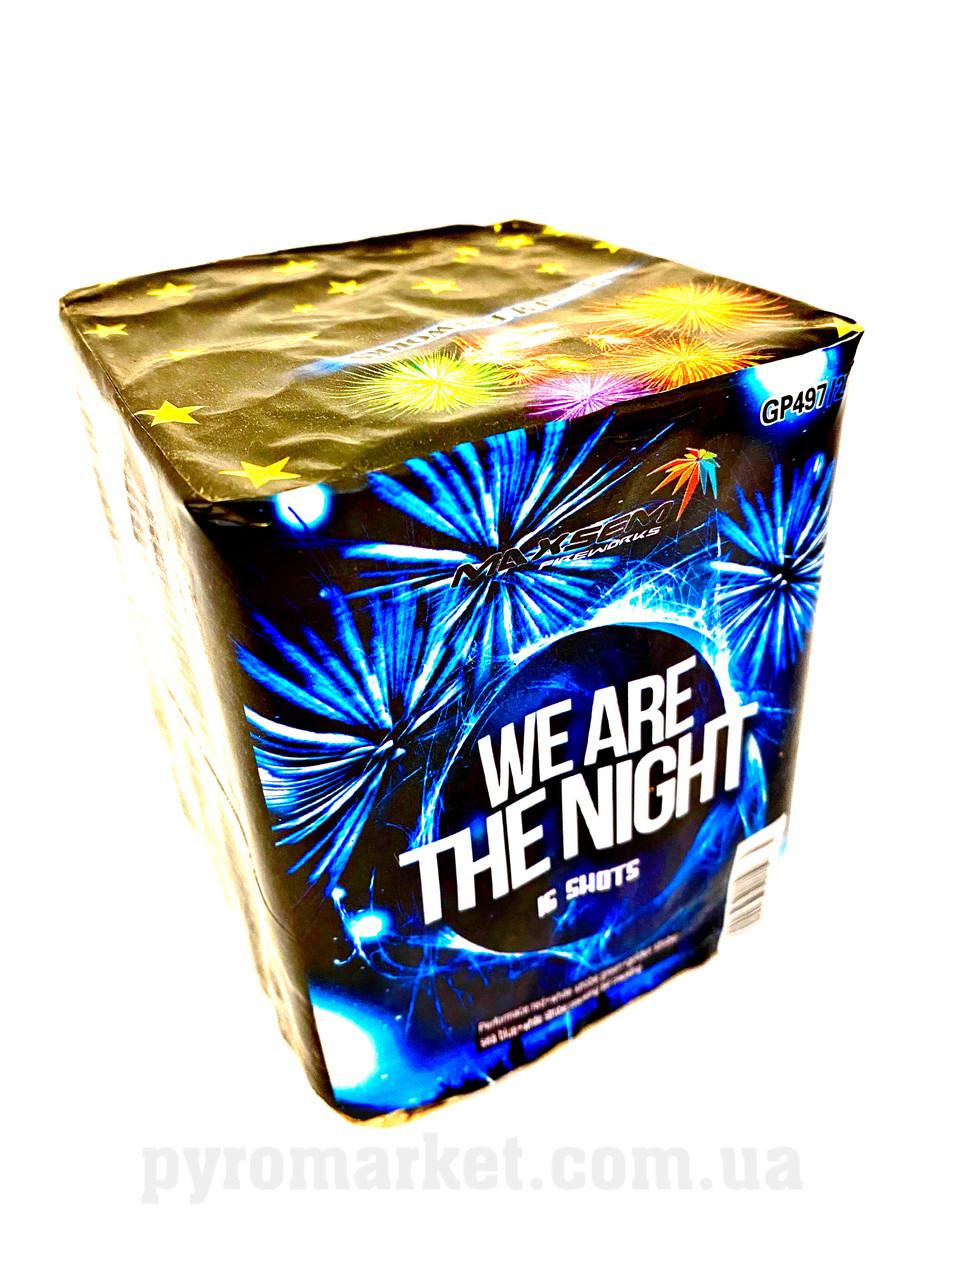 Салют We are the night Maxsem GP497/2, 16 выстрелов 20 мм